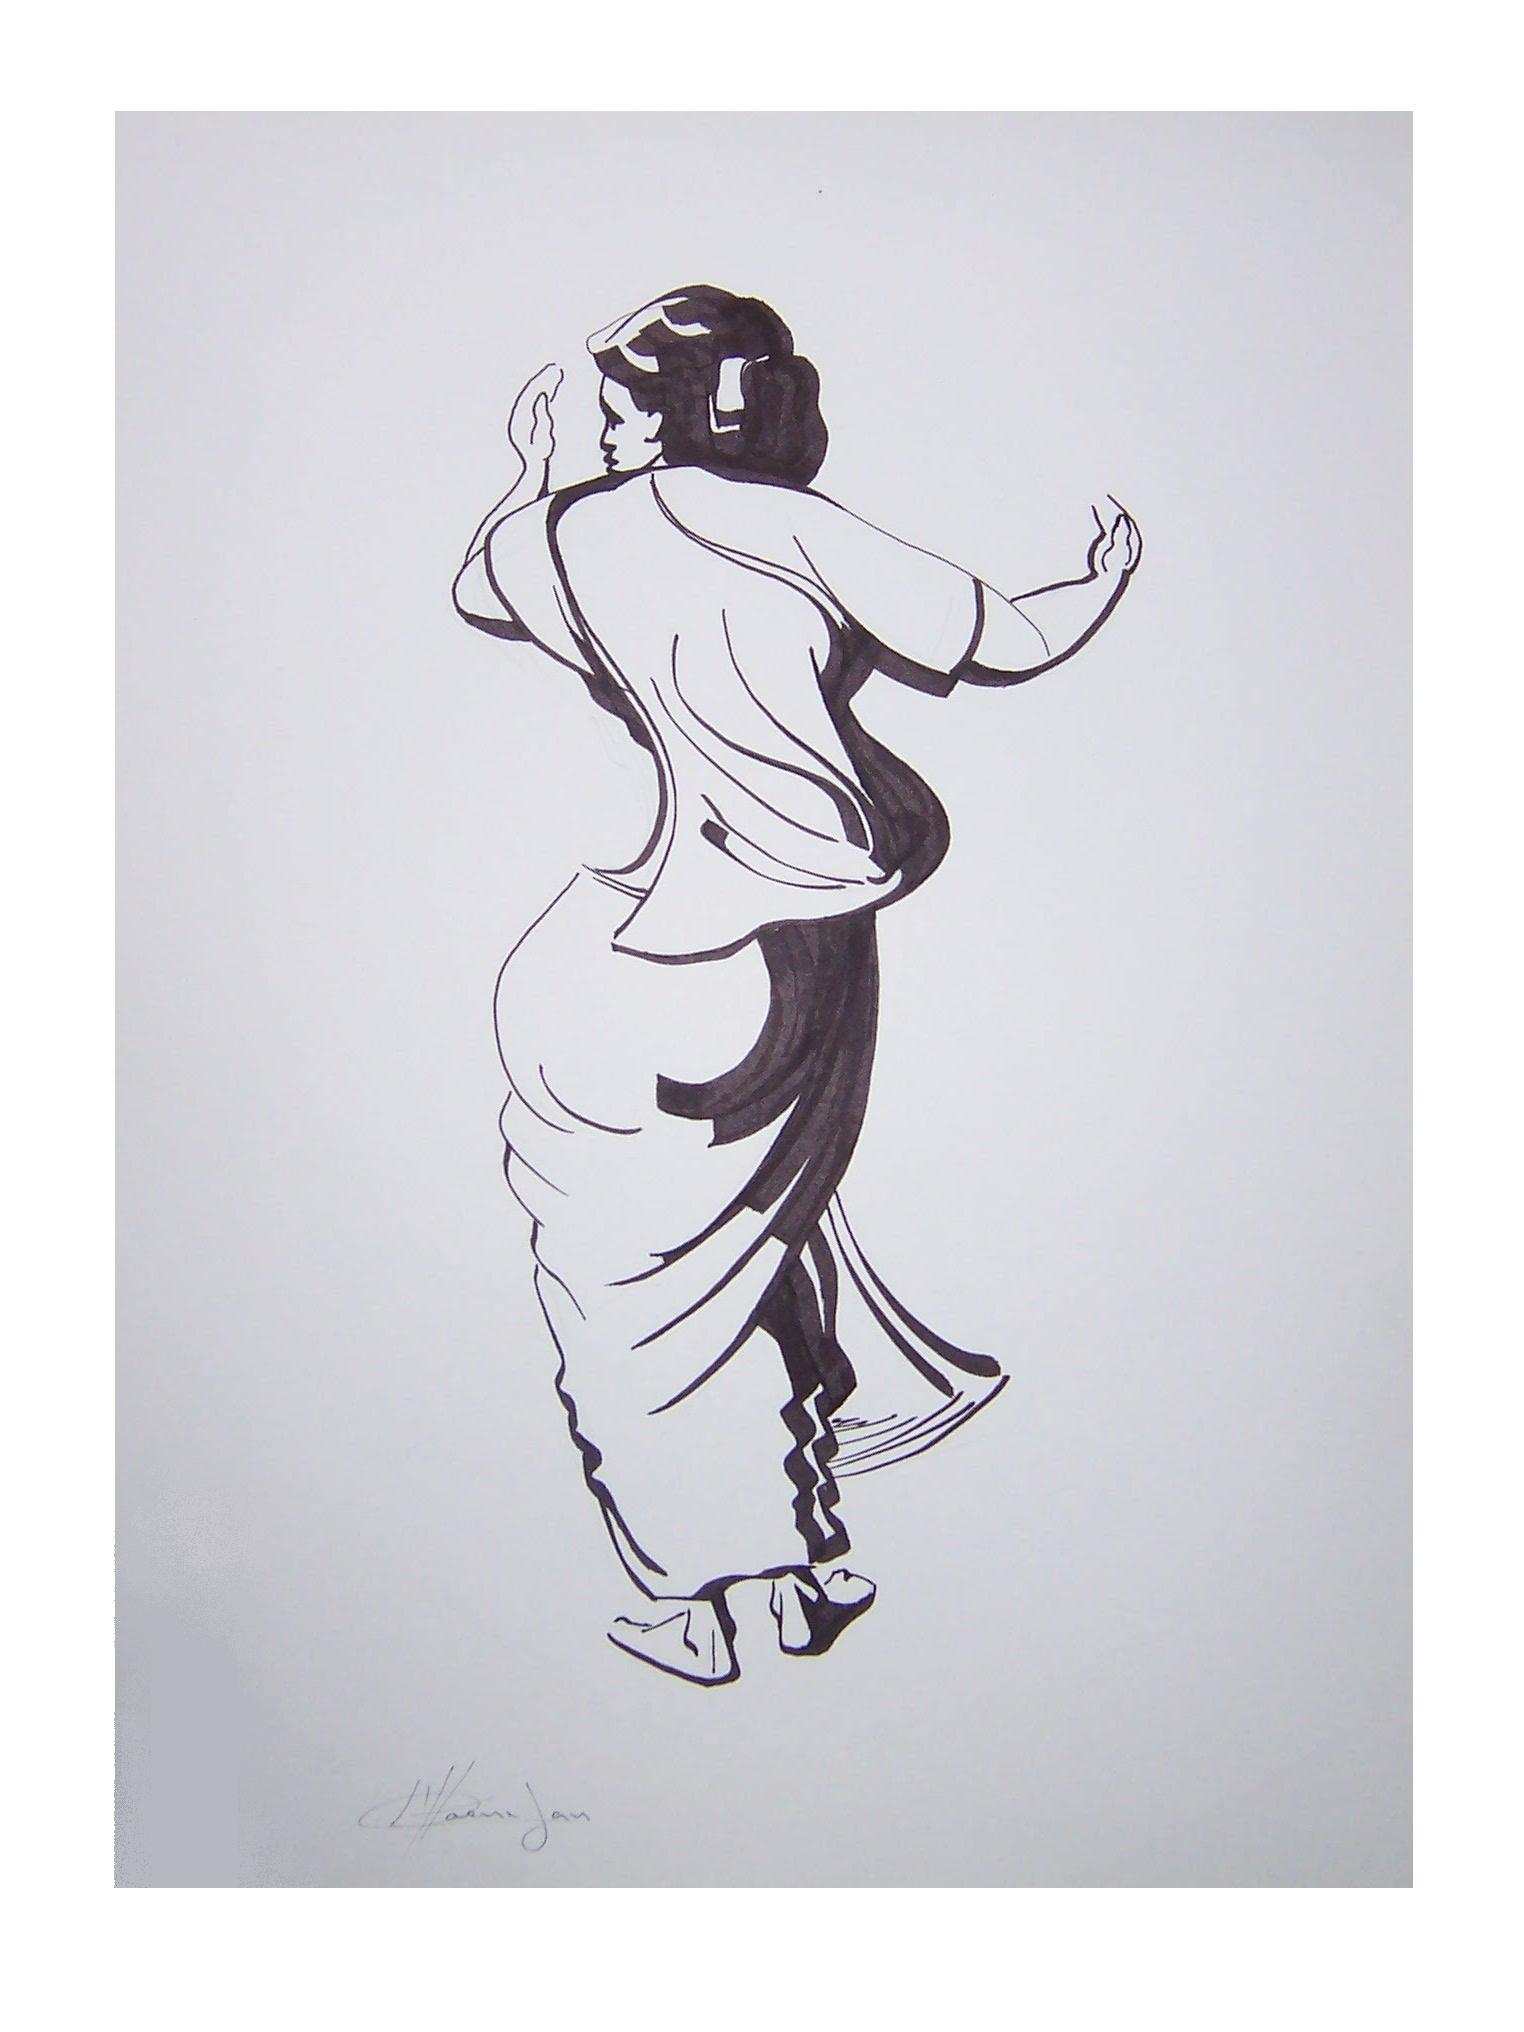 580. Sega dansende vrouw